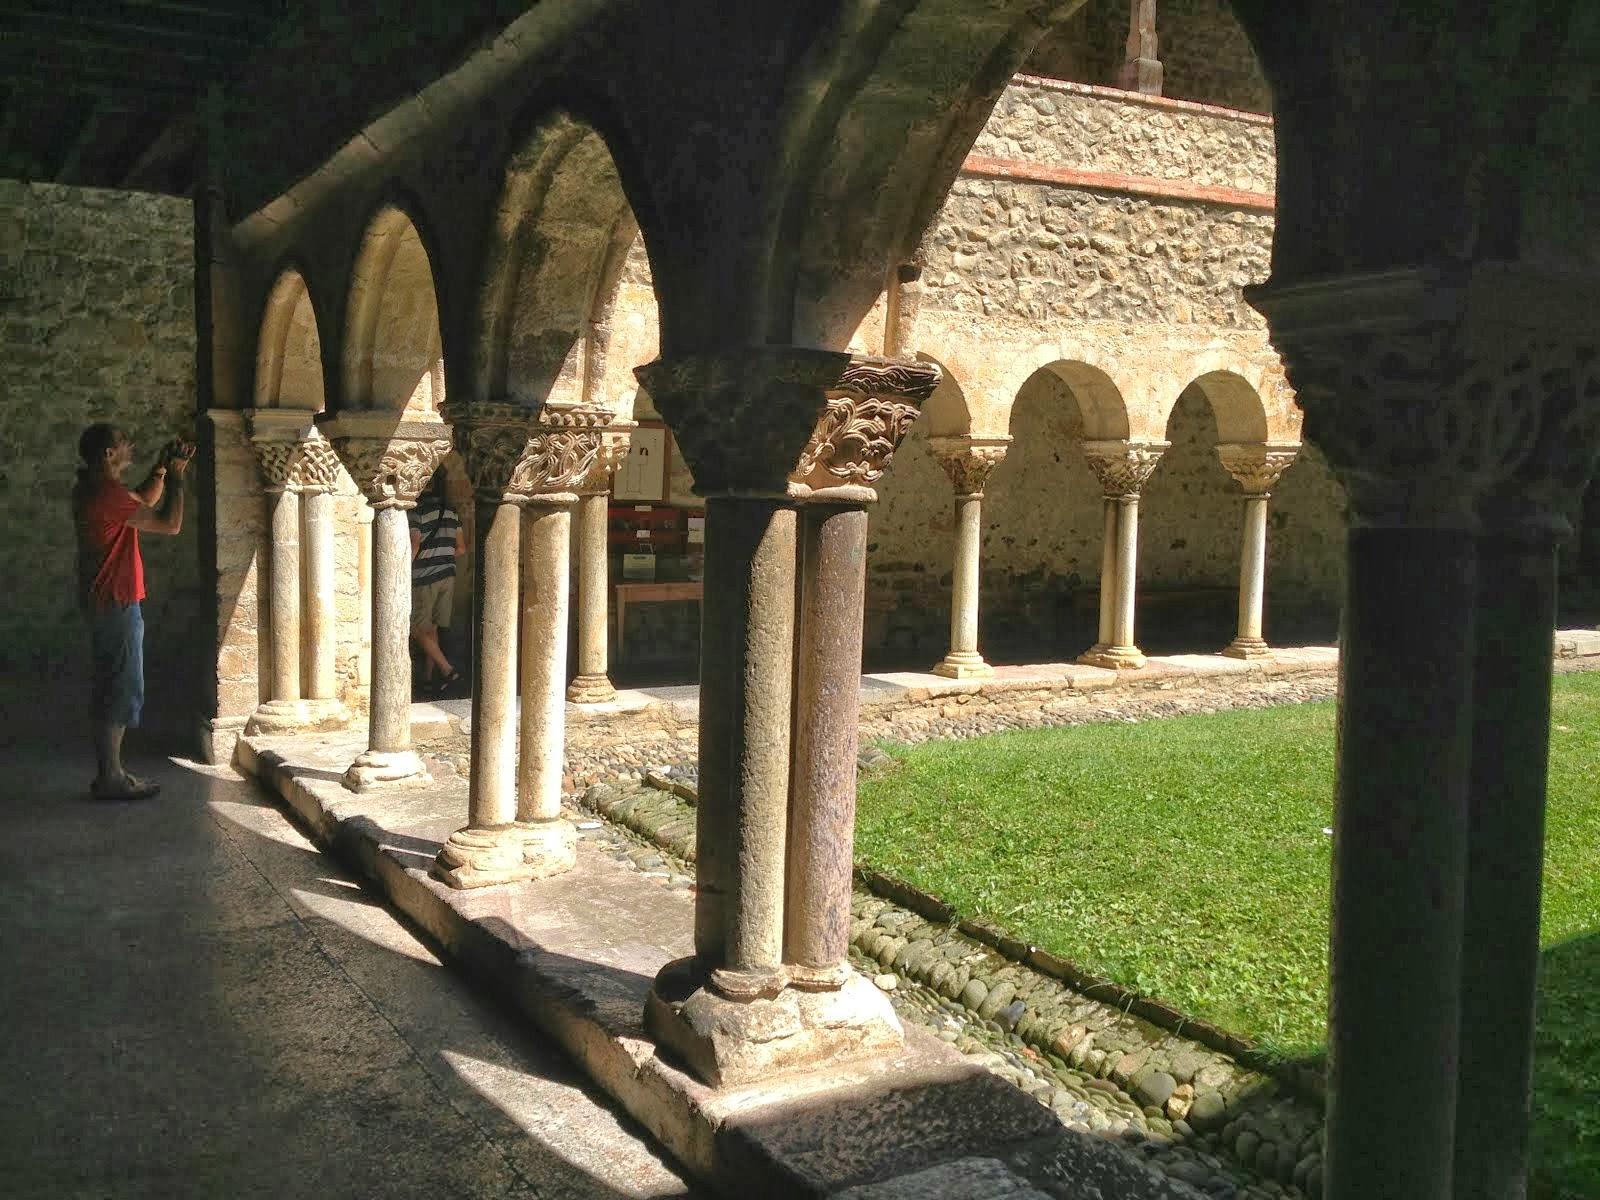 La Cathedrale de St Lizier